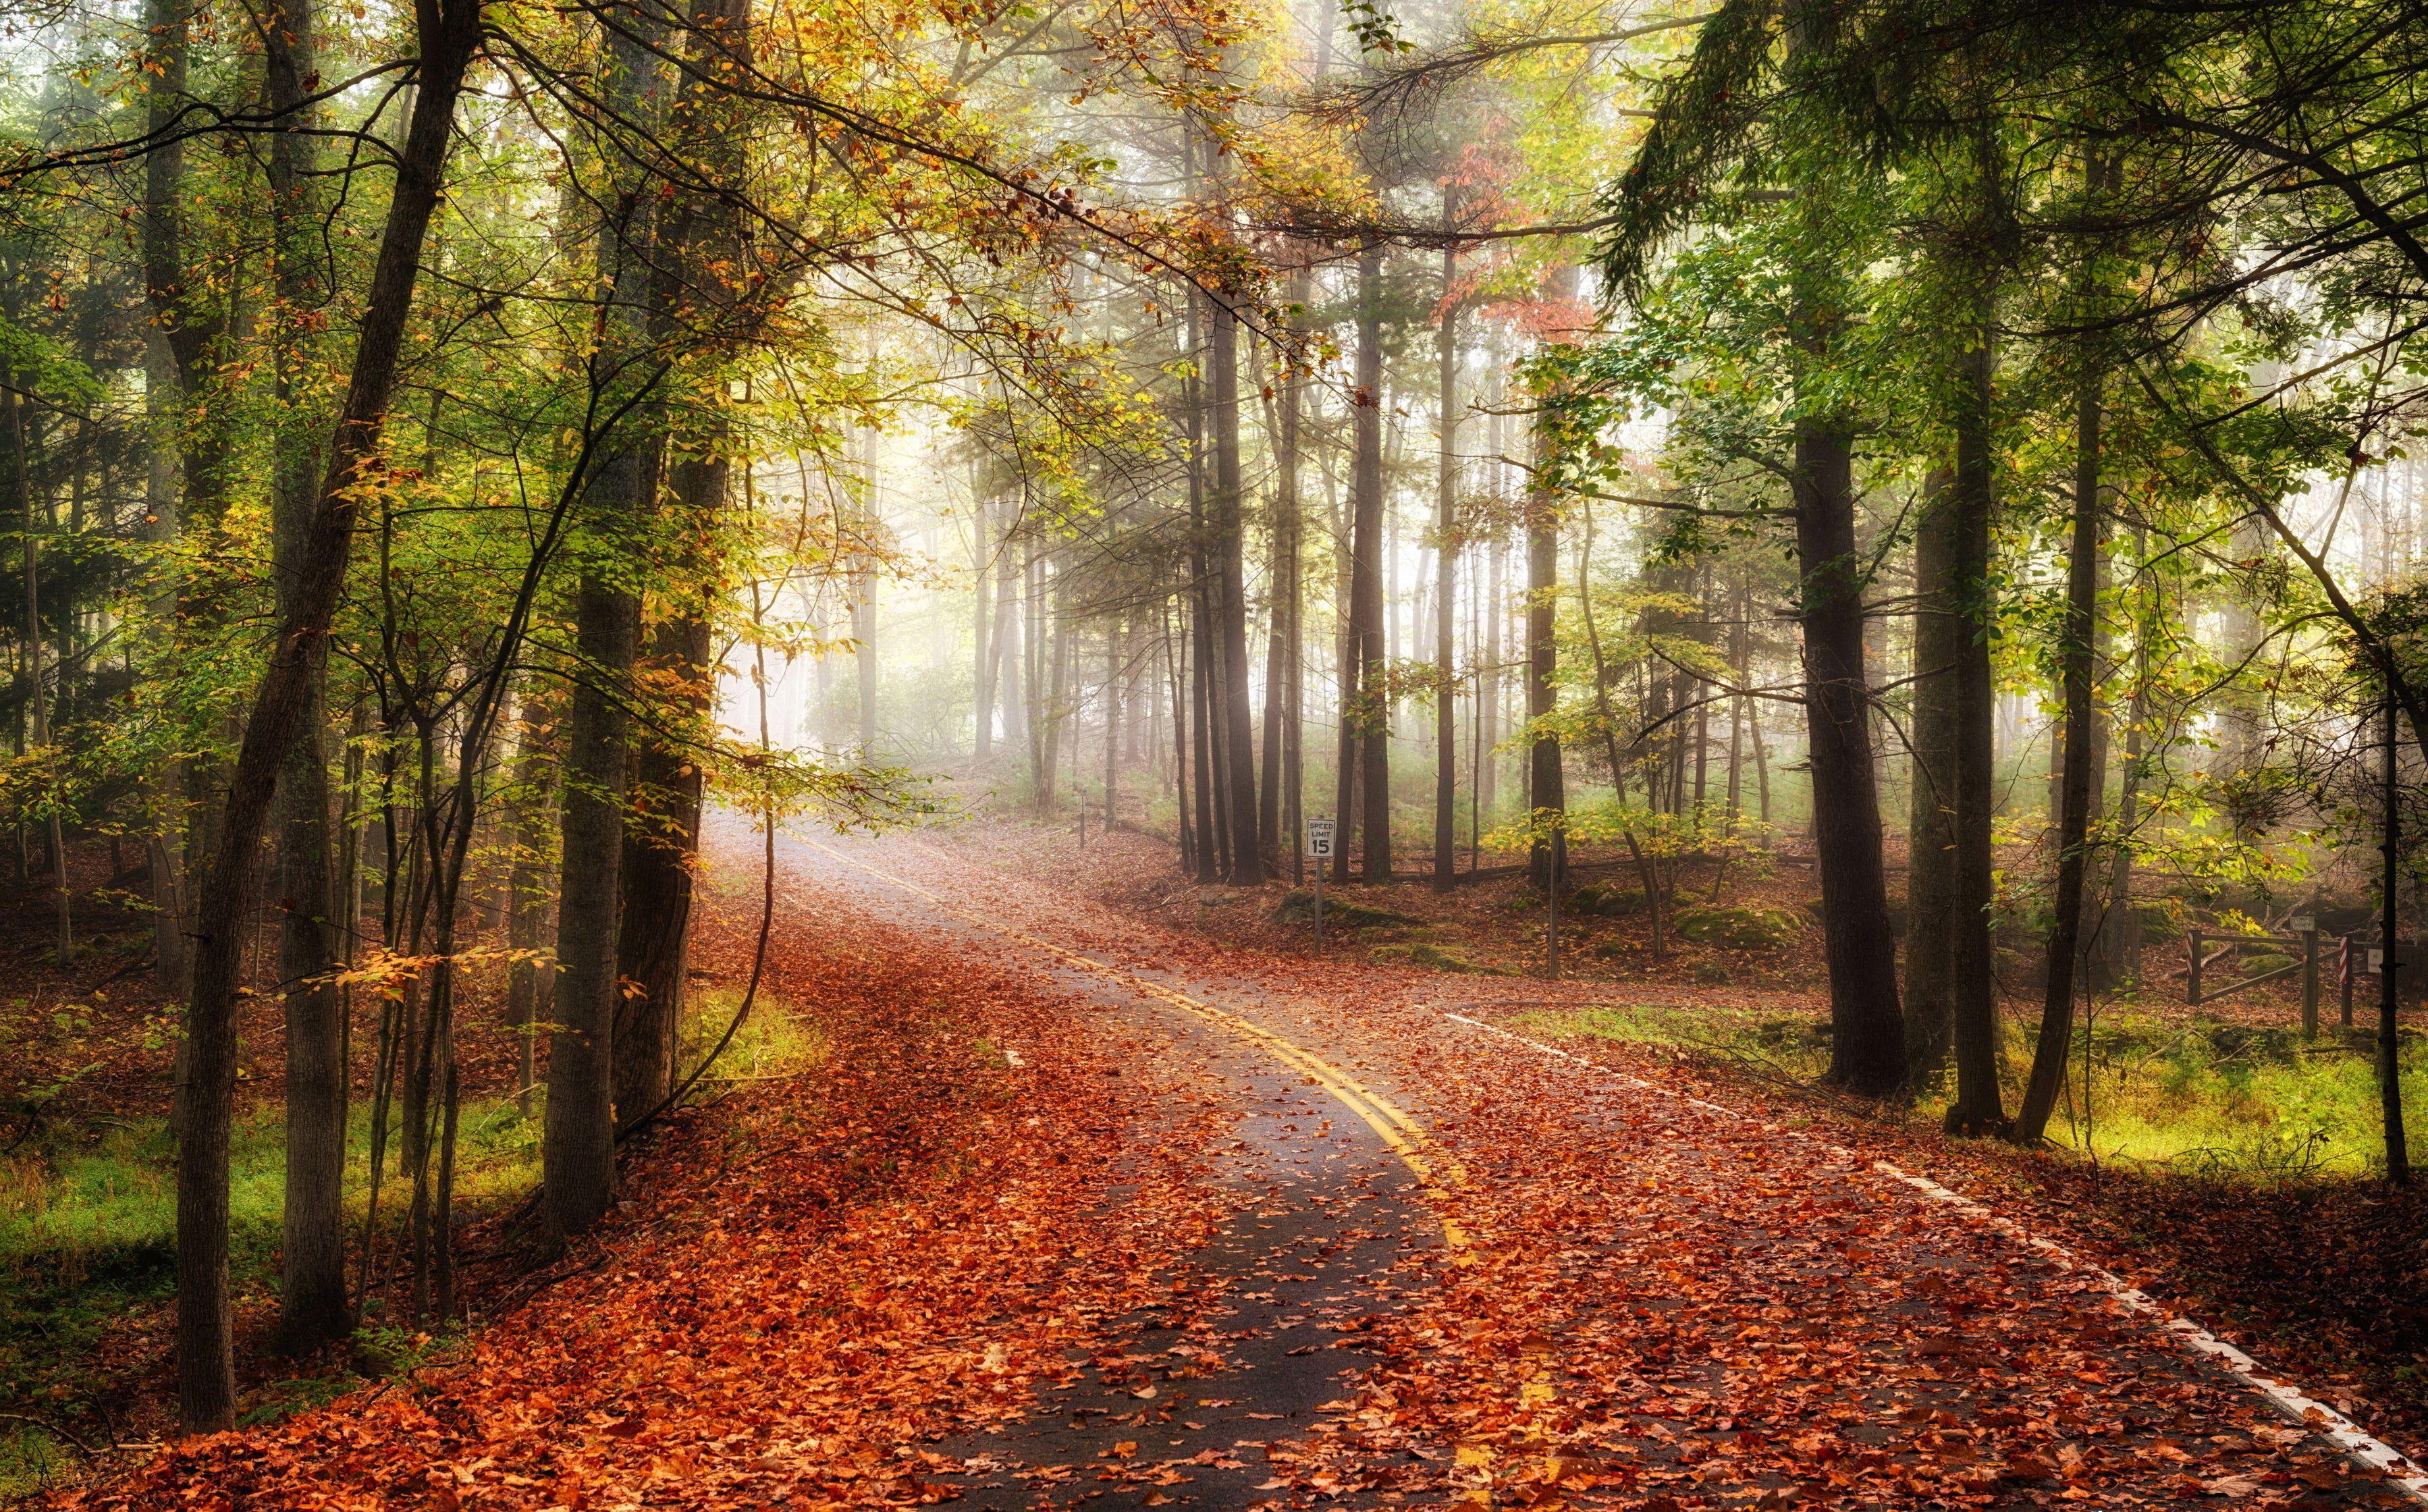 Http Elitefon Ru Nature 38722 Doroga Pejzazh Osen Doroga Les Listya 4k Html Priroda Les Osen Autumn fog trees forest alley road